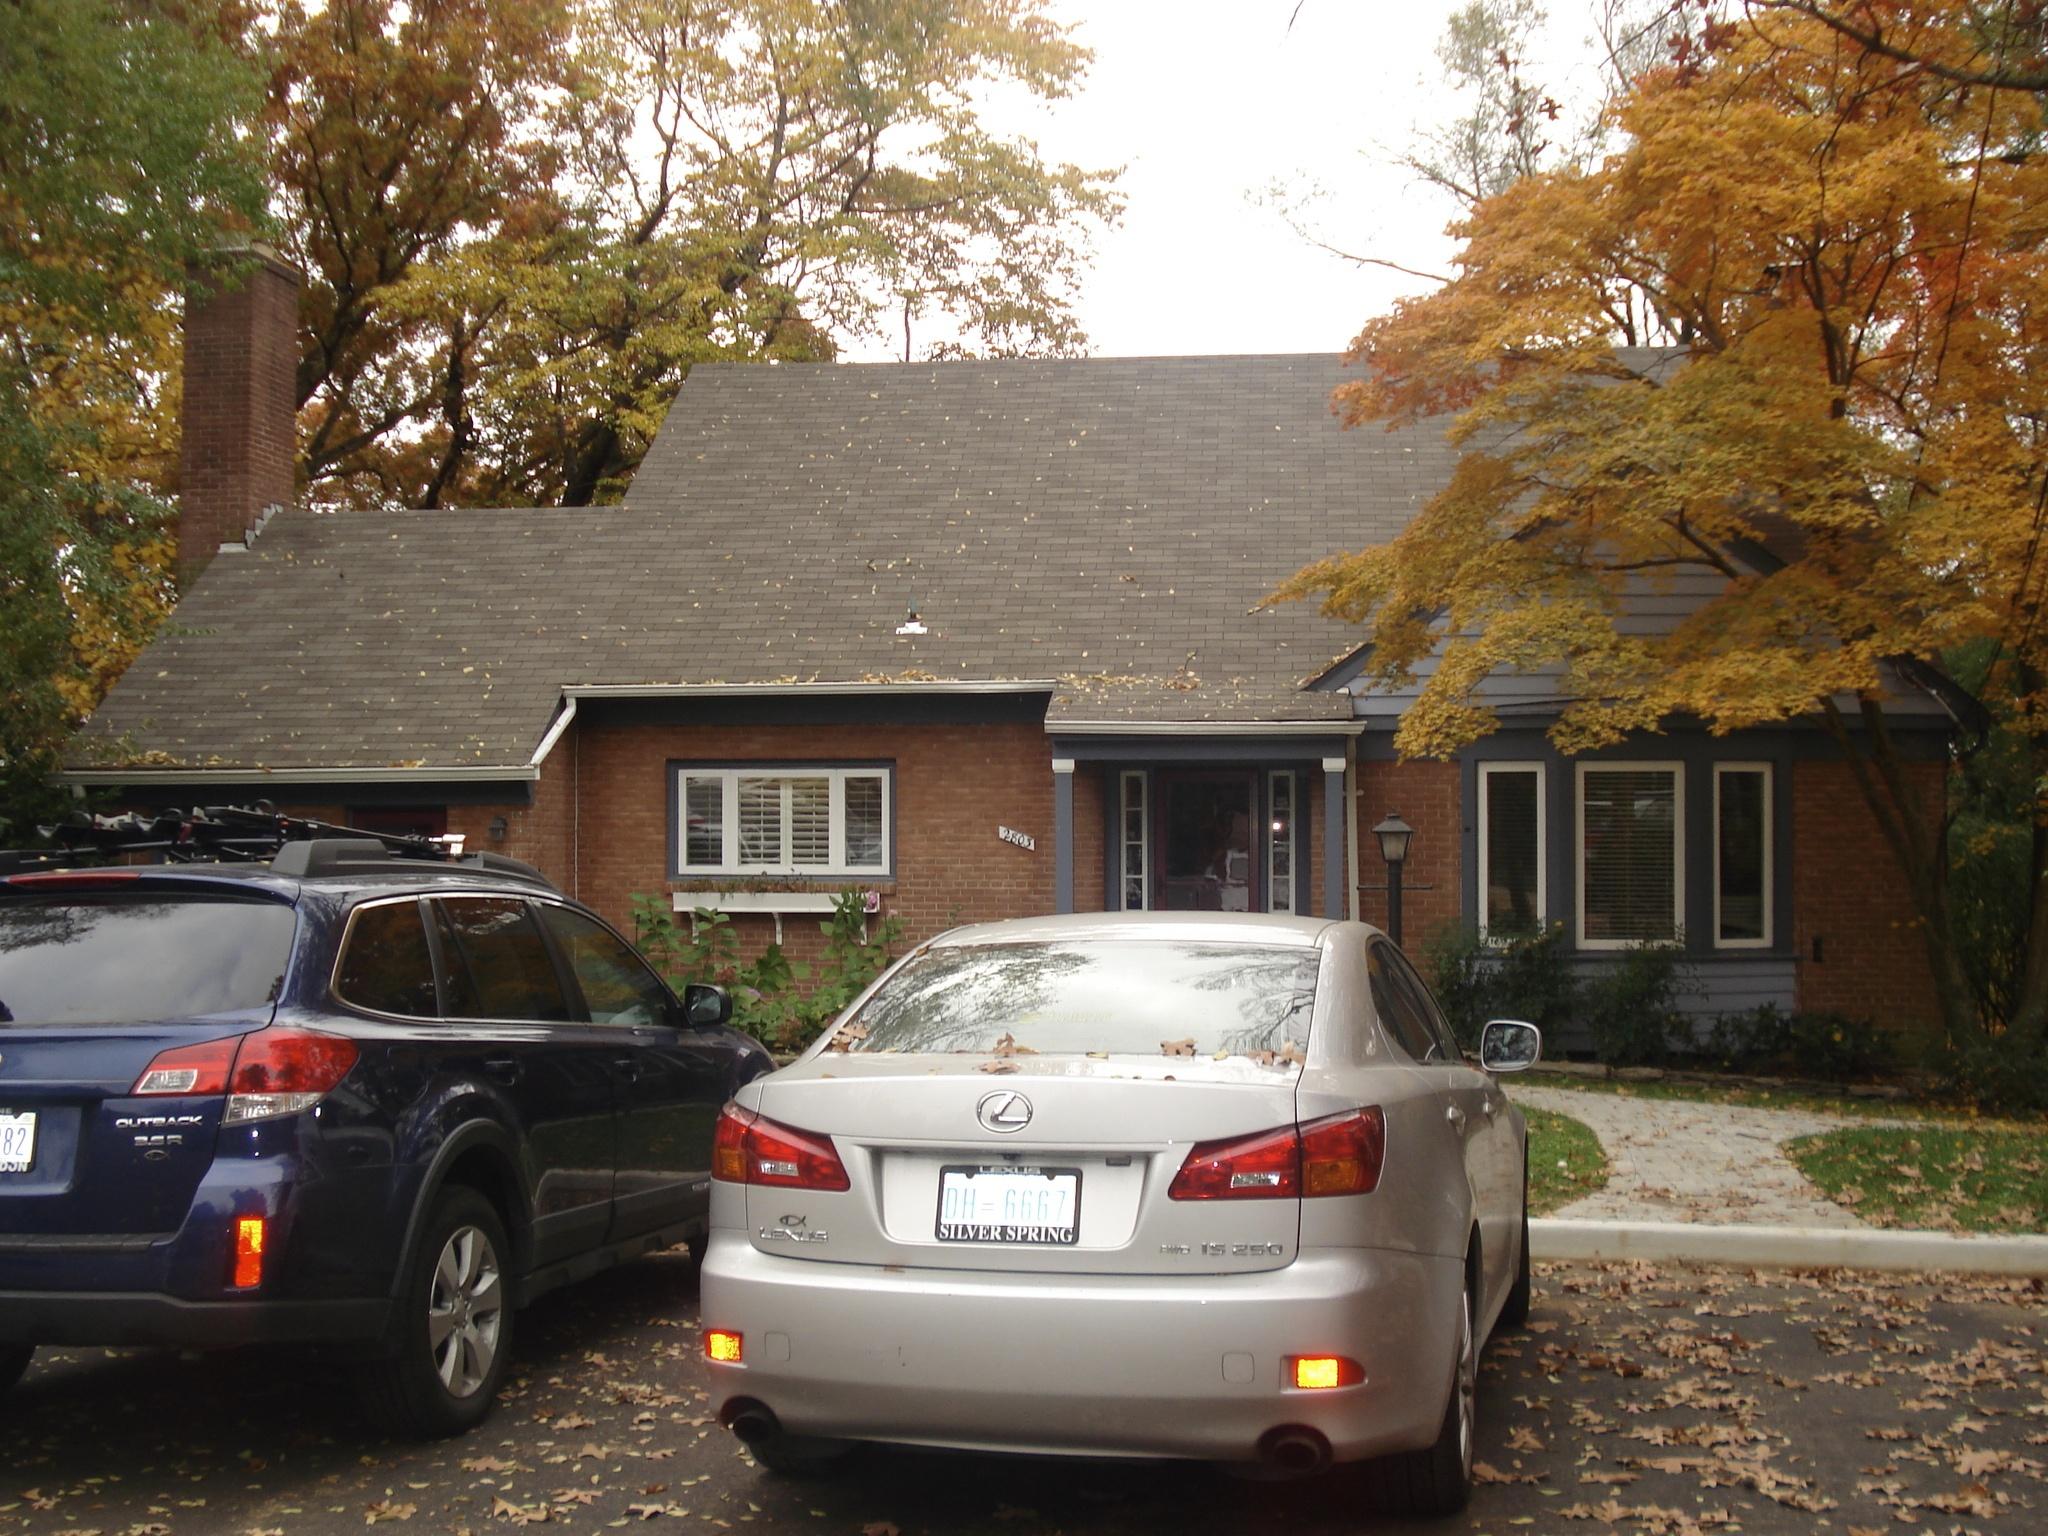 Original House Before Renovation